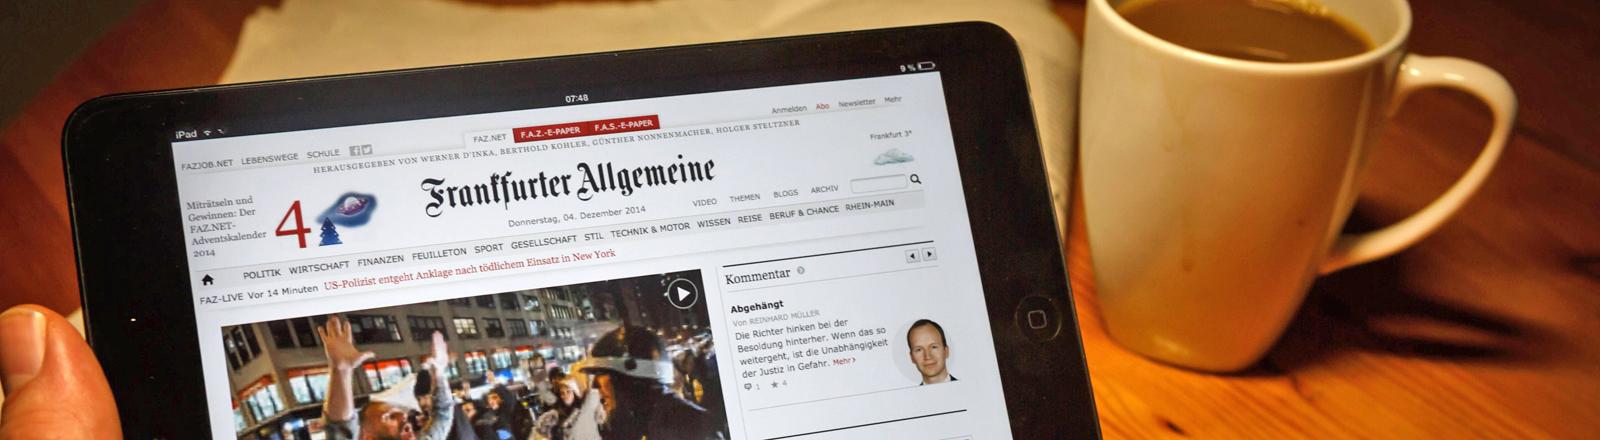 Frankfurter Allgemeine Zeitung auf Tablet